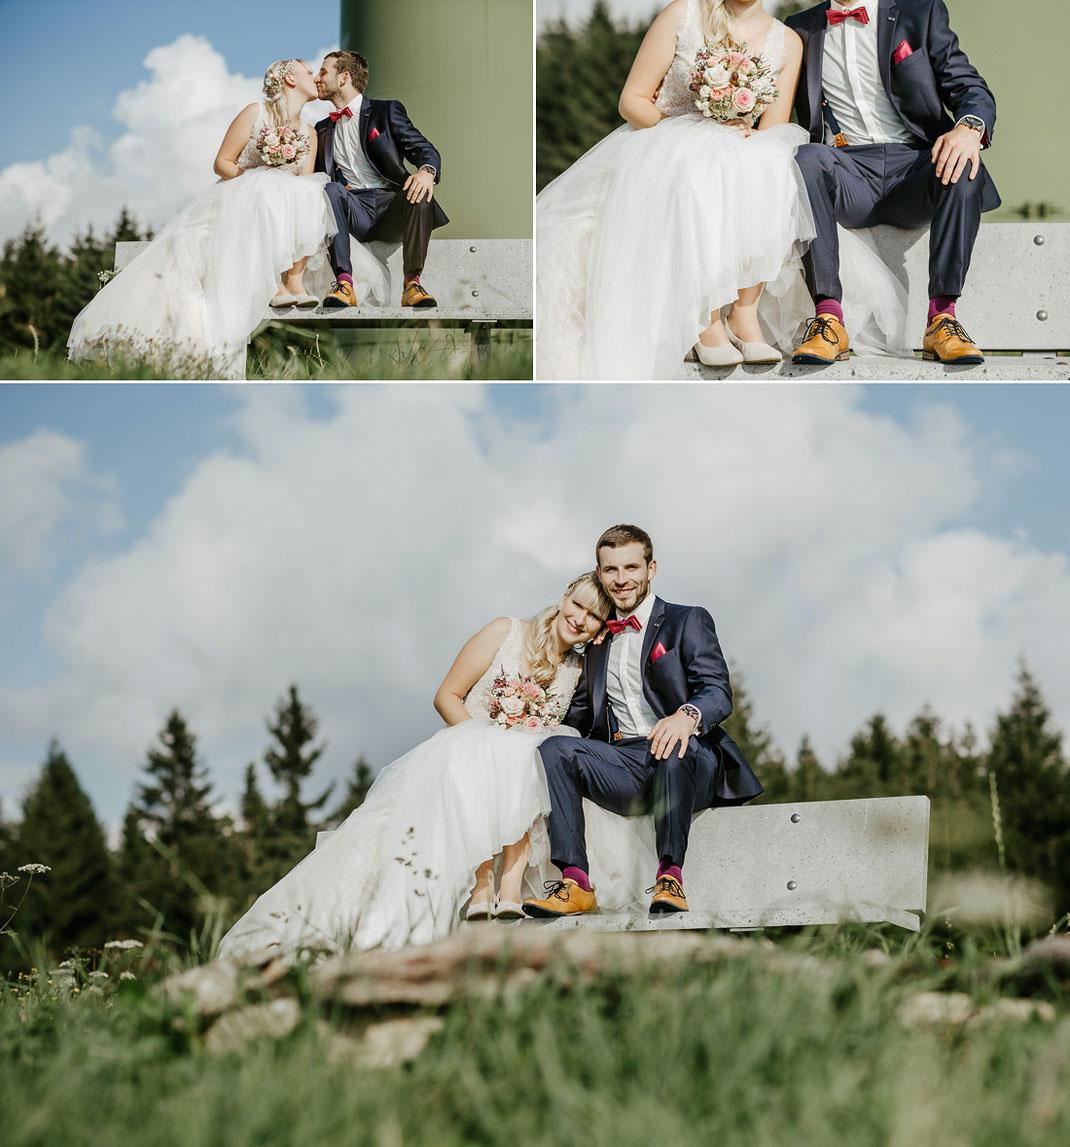 fotoshooting hochzeit erzgebirge